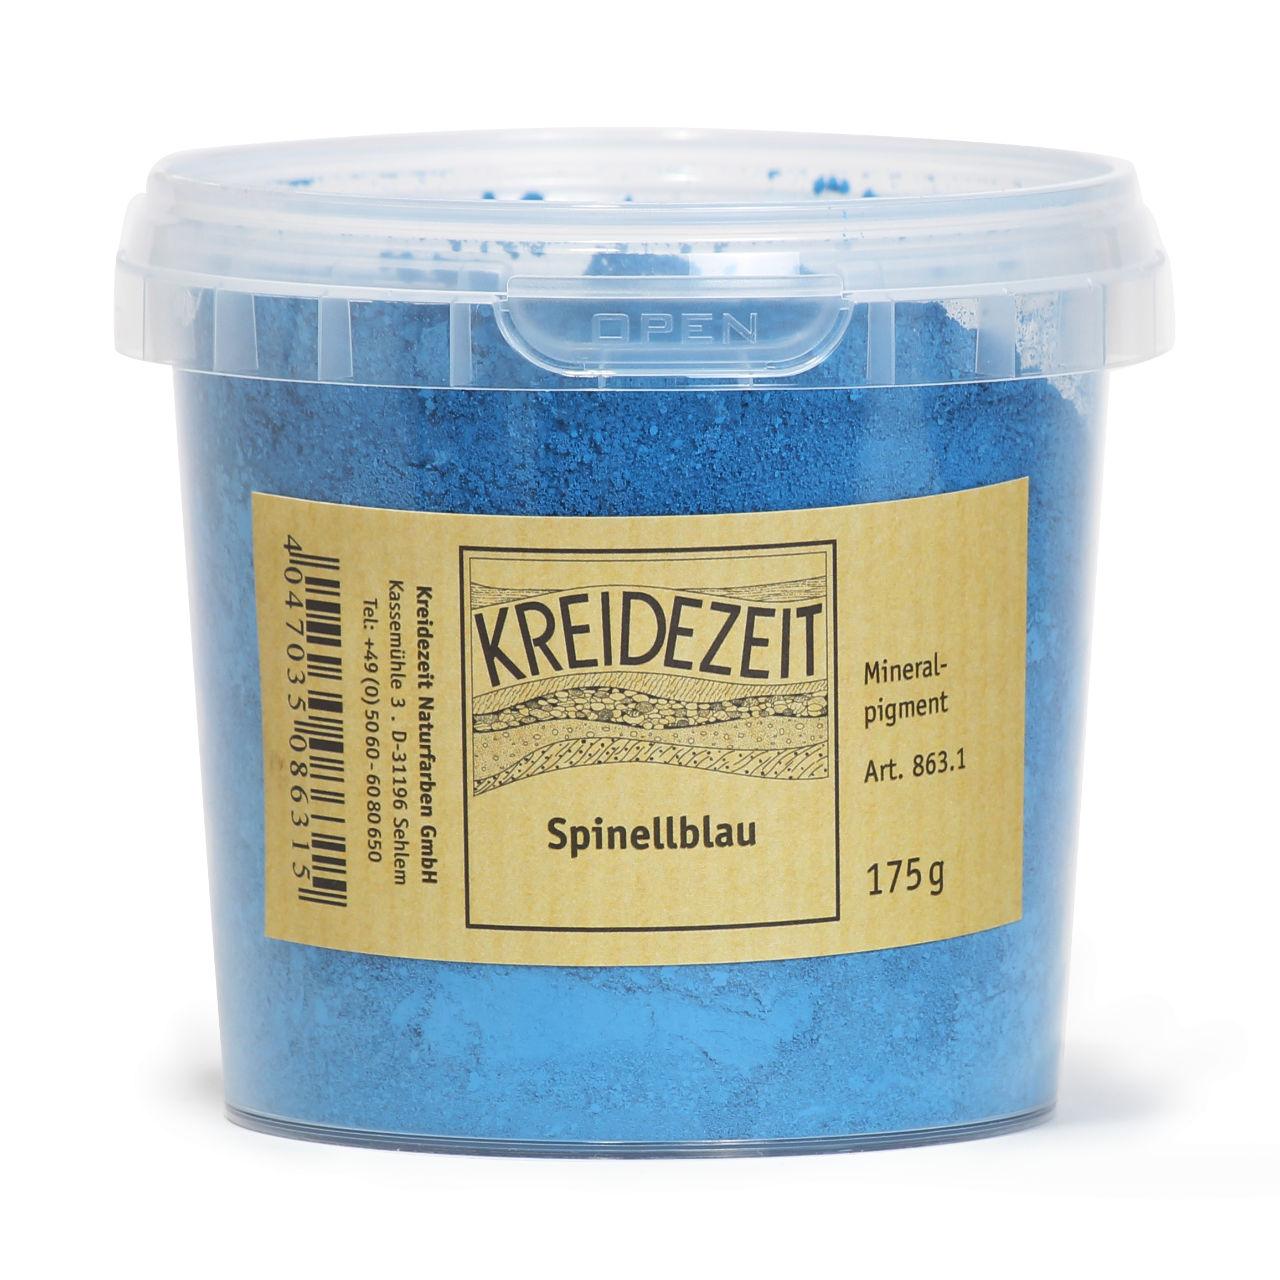 Kreidezeit Spinellblau Pigment | Kreidezeit Naturfarben Shop